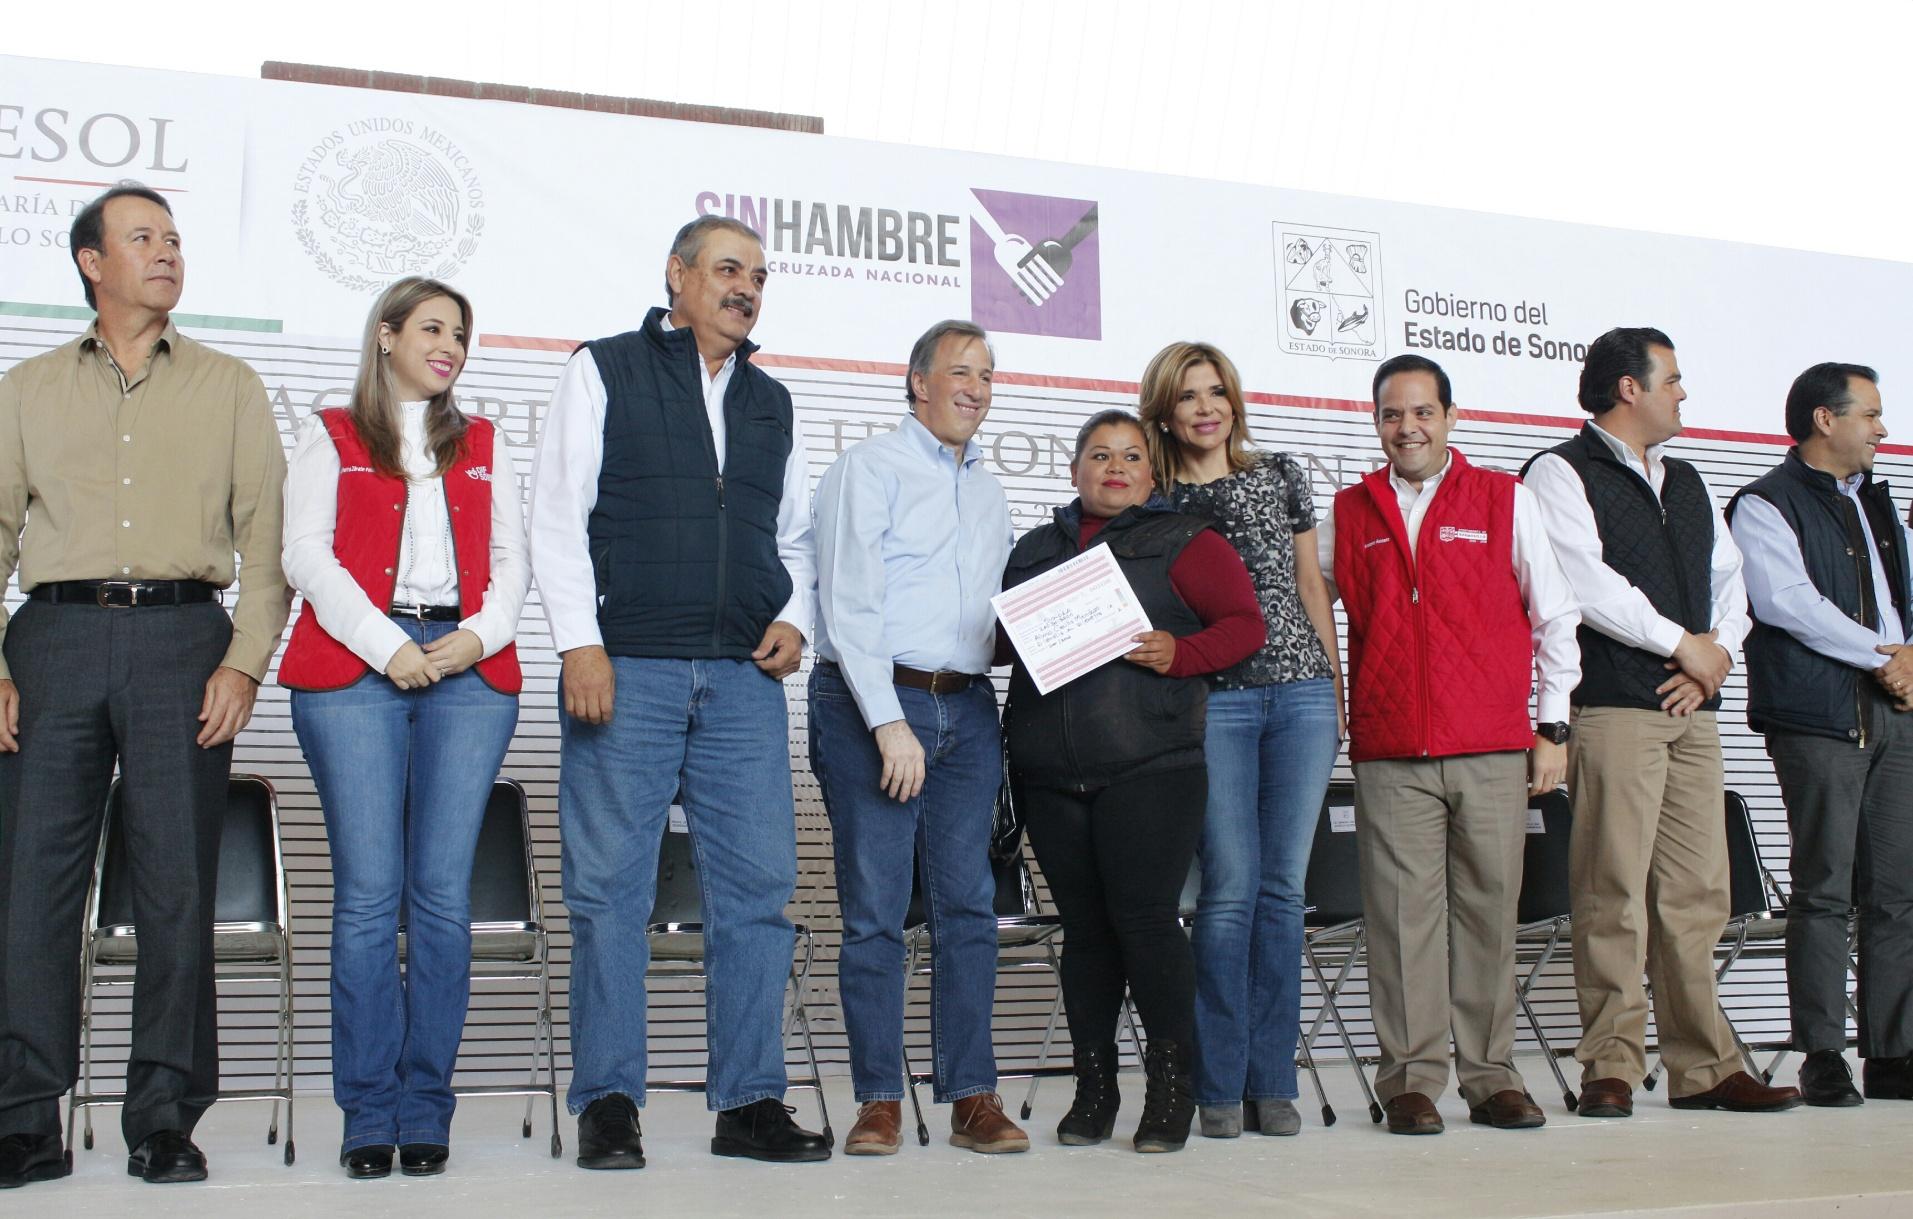 FOTO 2 Secretario Meade en el marco de su gira de trabajo por el estado de Sonora.jpg